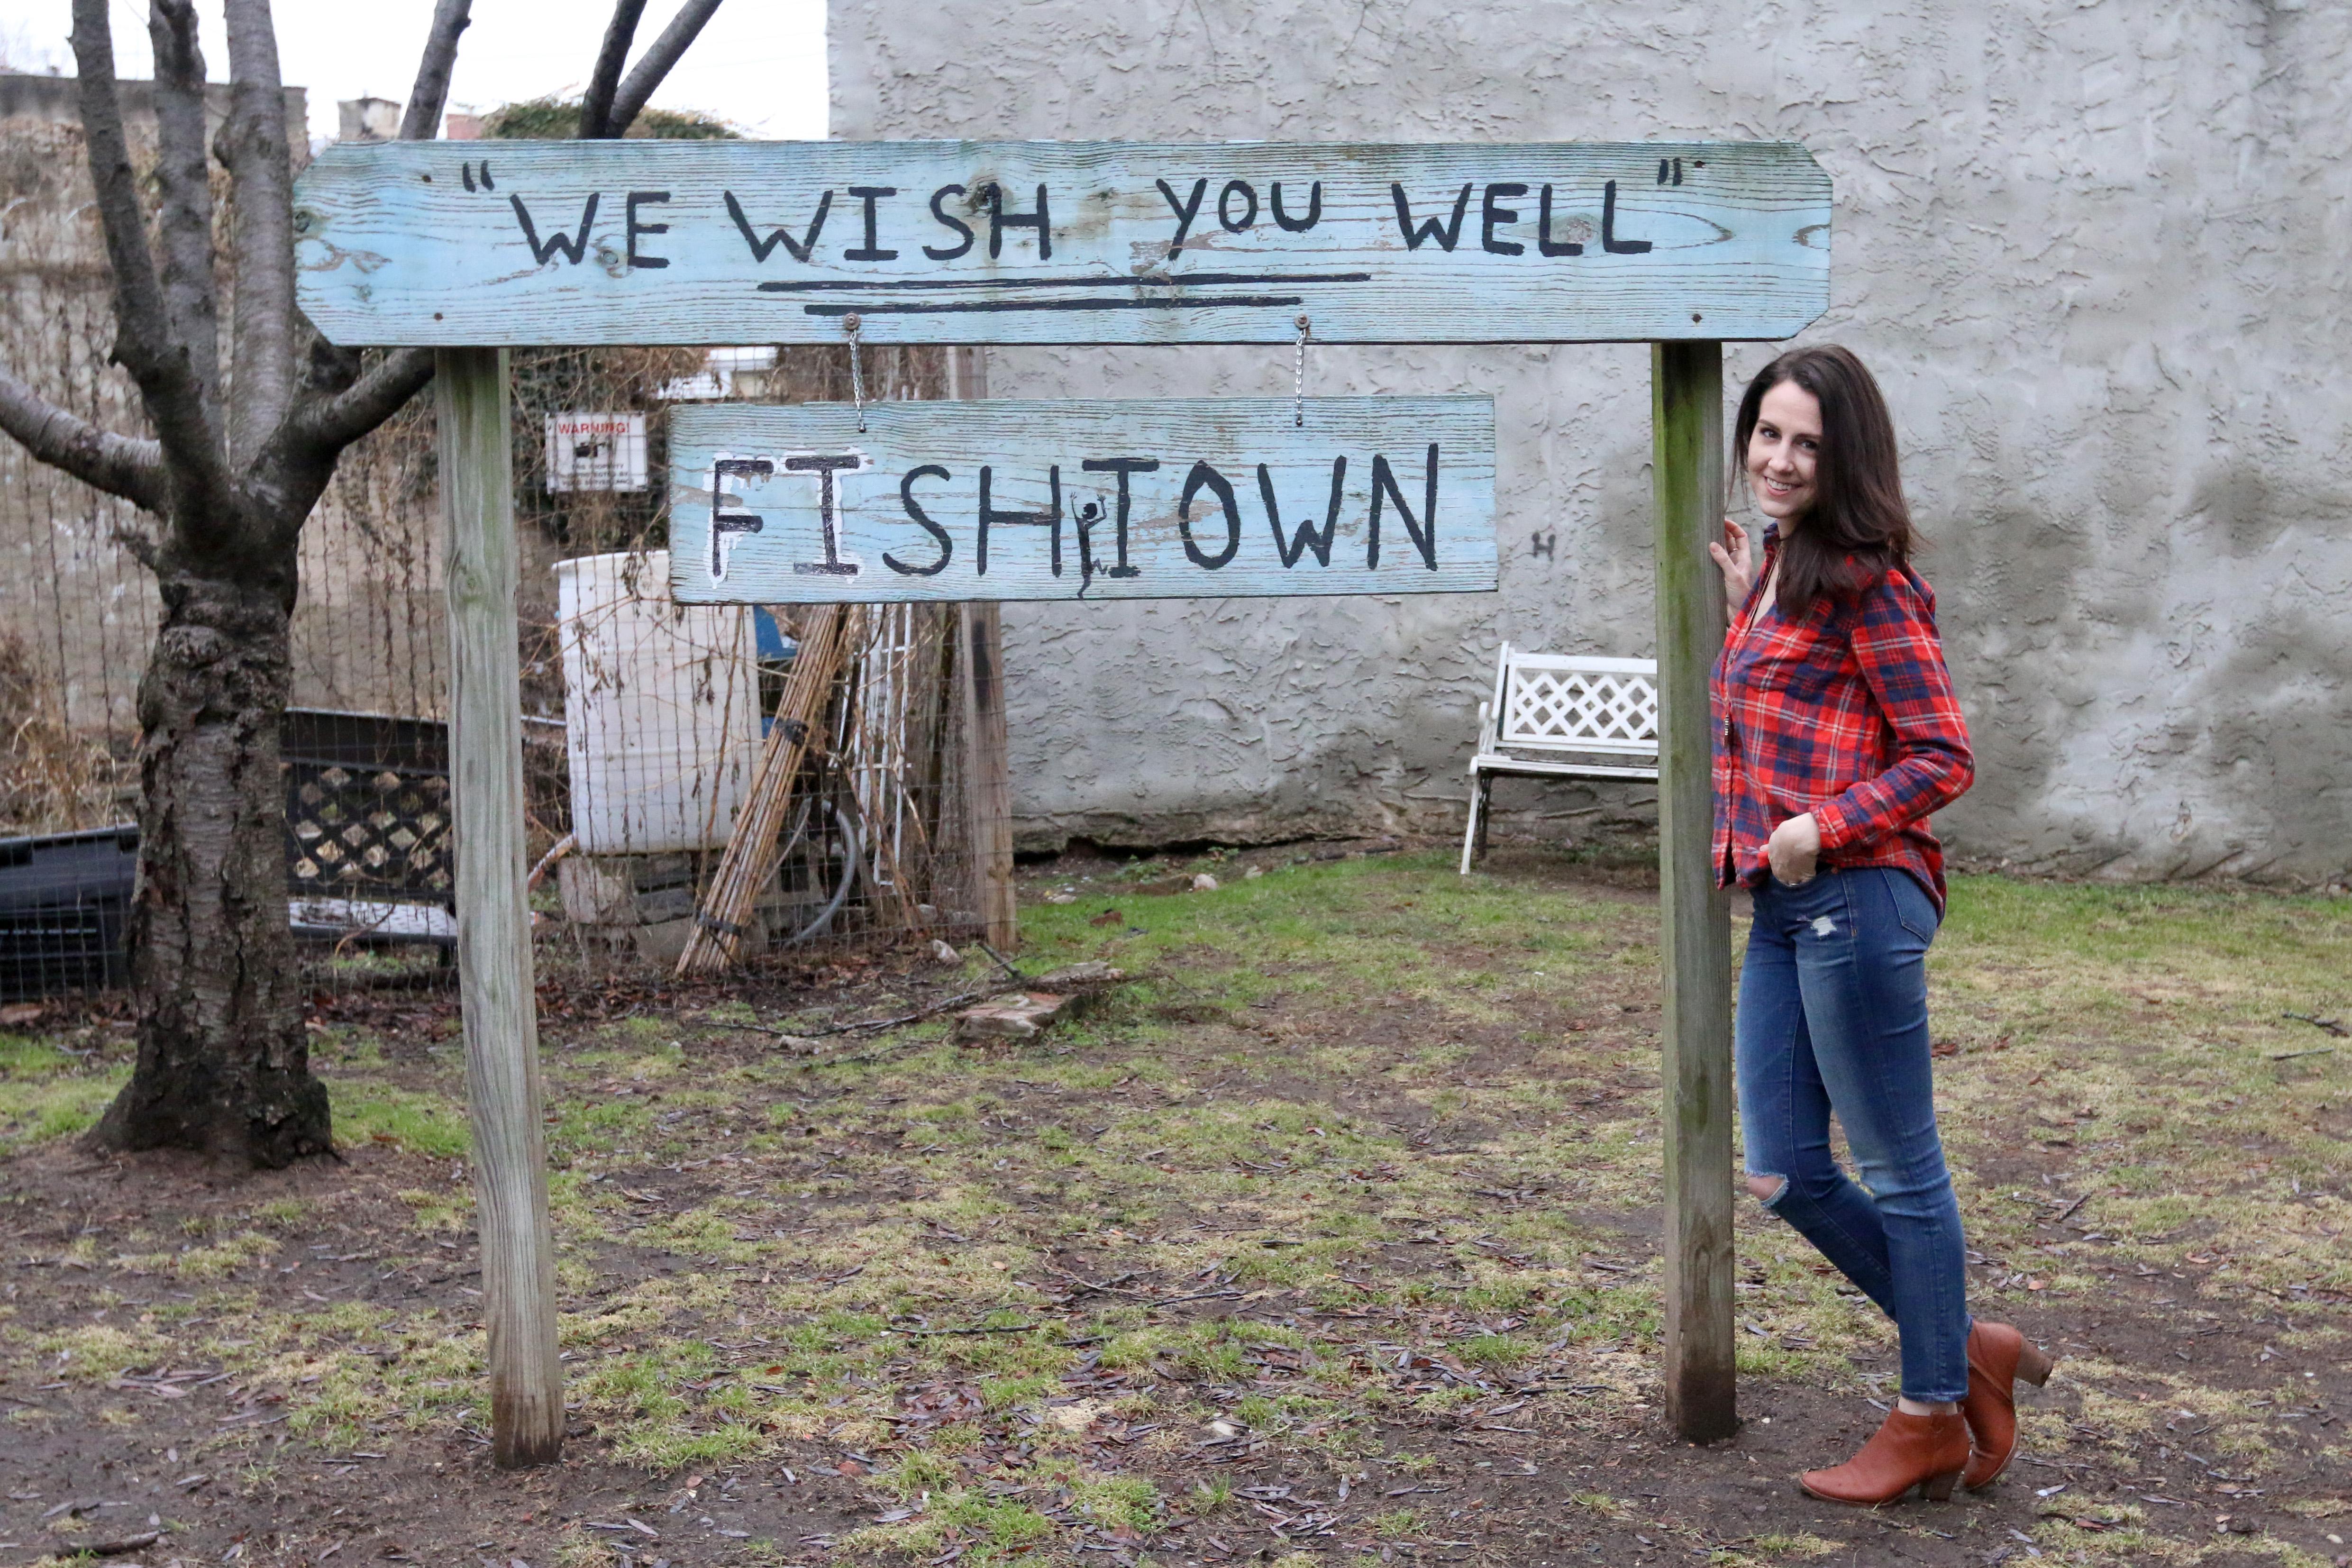 fishtown-philadelphia